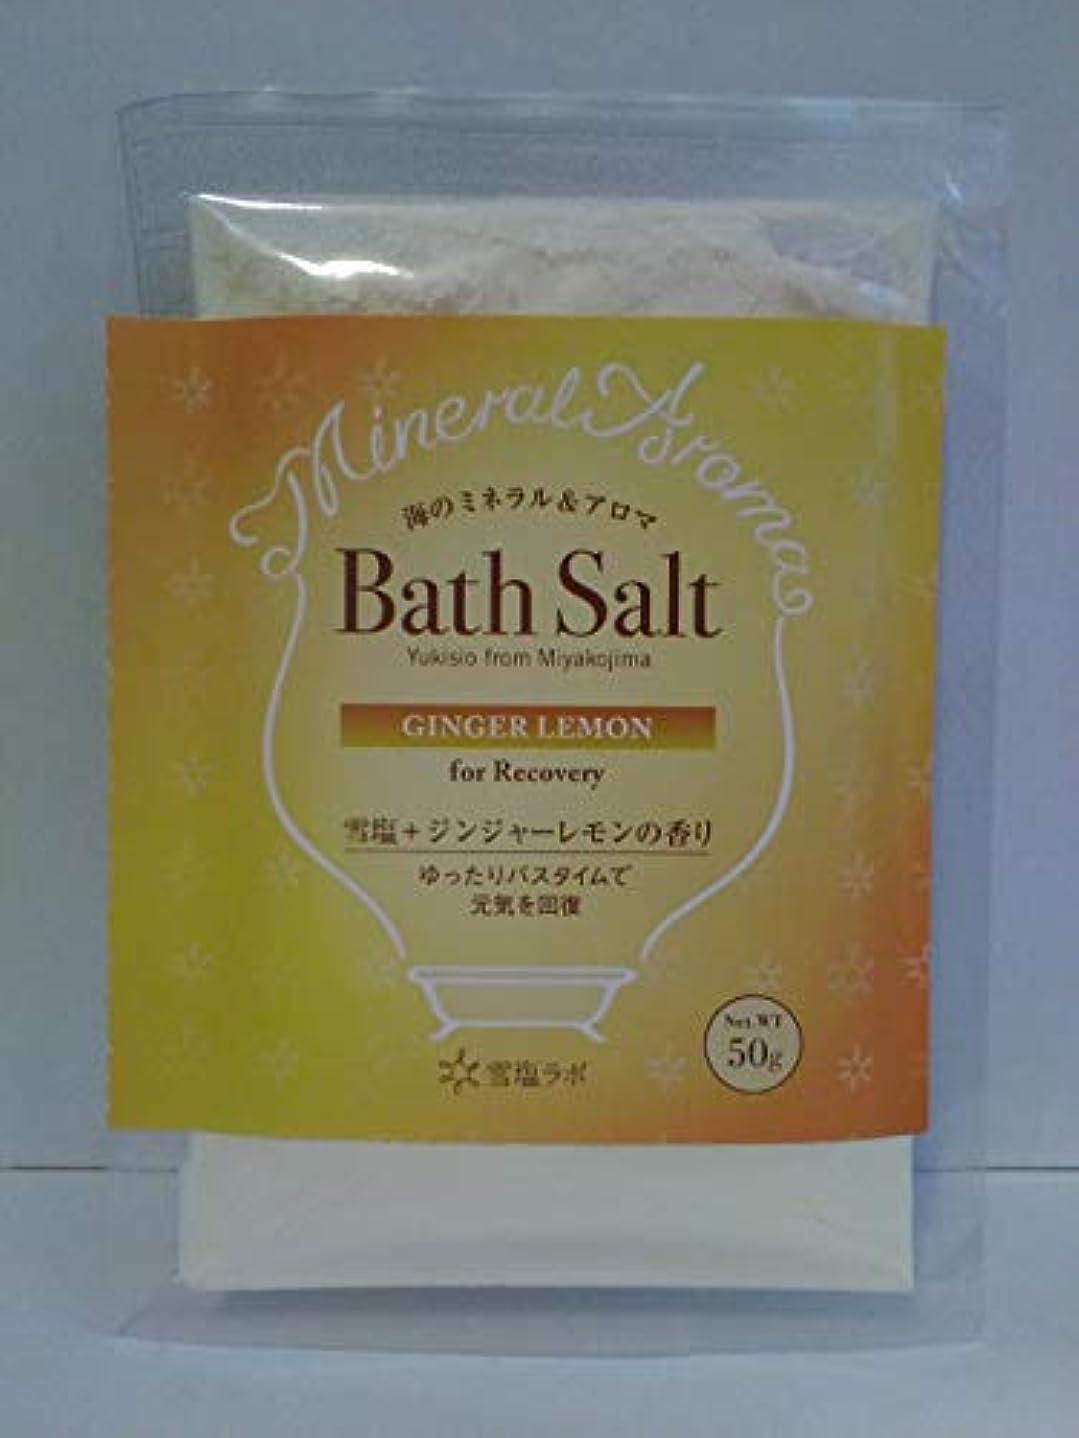 学部対象タイムリーな海のミネラル&アロマ Bath Salt 雪塩+ジンジャーレモンの香り